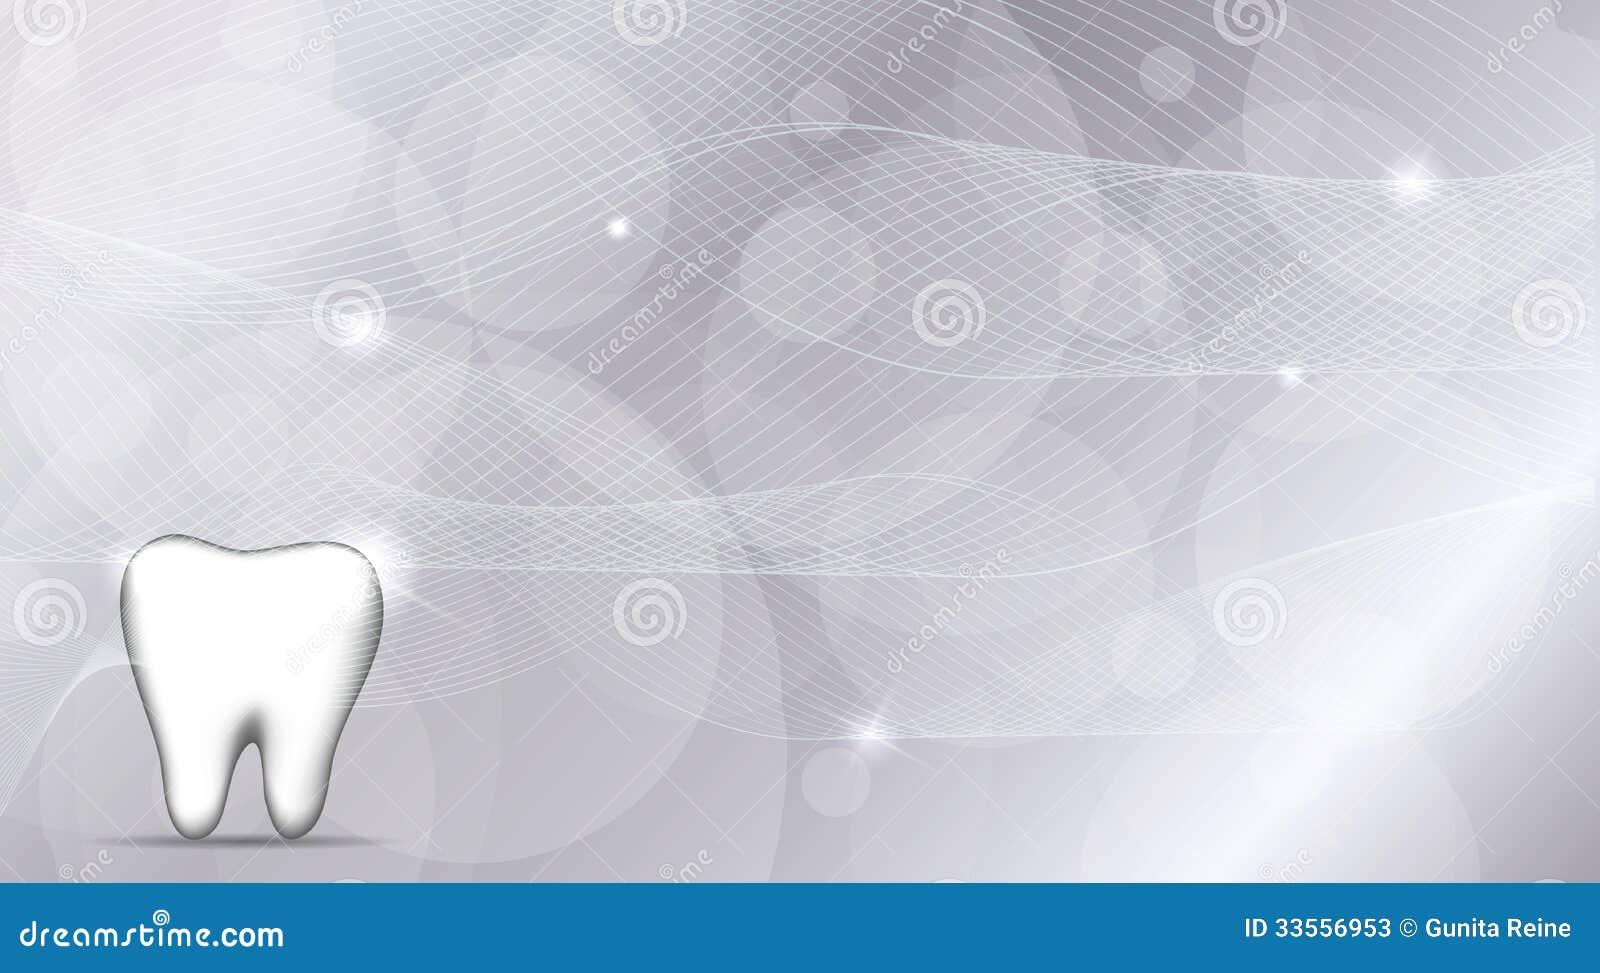 Dental Wallpaper Stock Vector Illustration Of